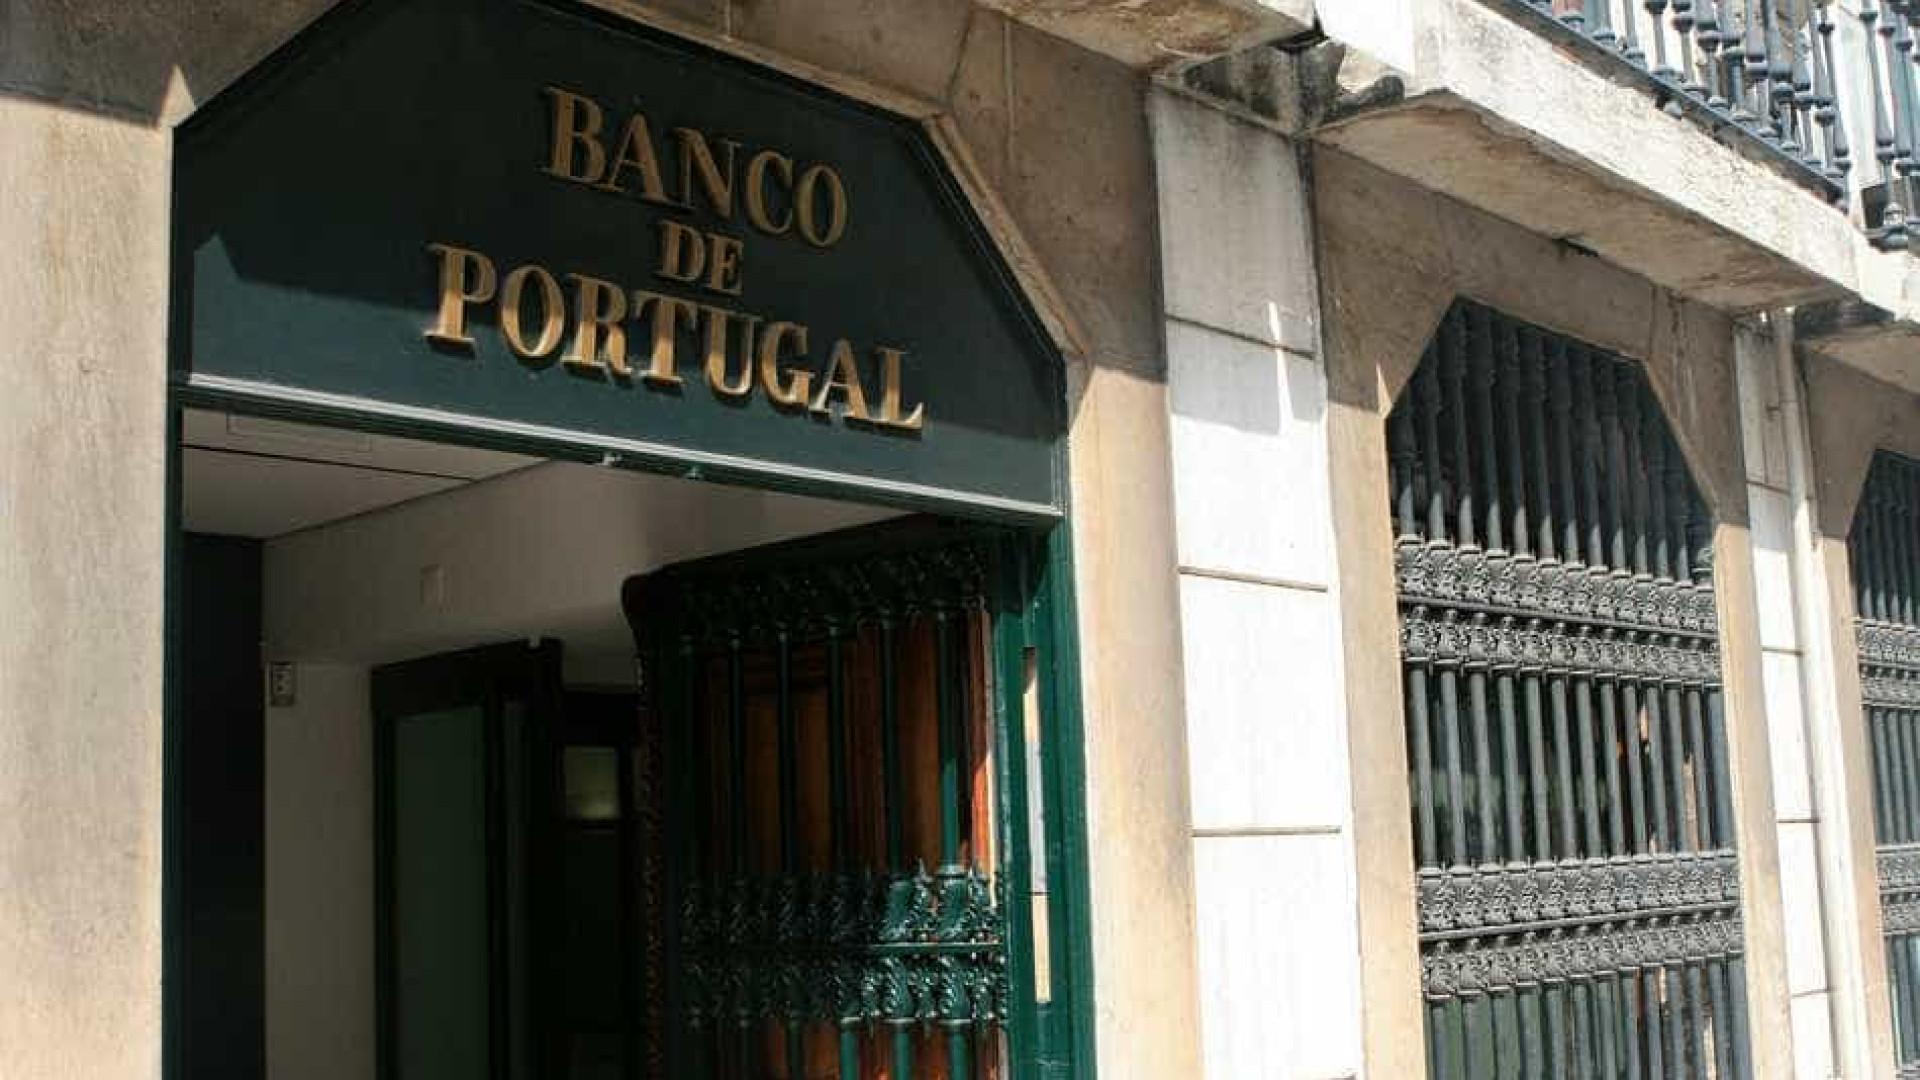 Dívida pública subiu para 249,2 mil milhões de euros em julho